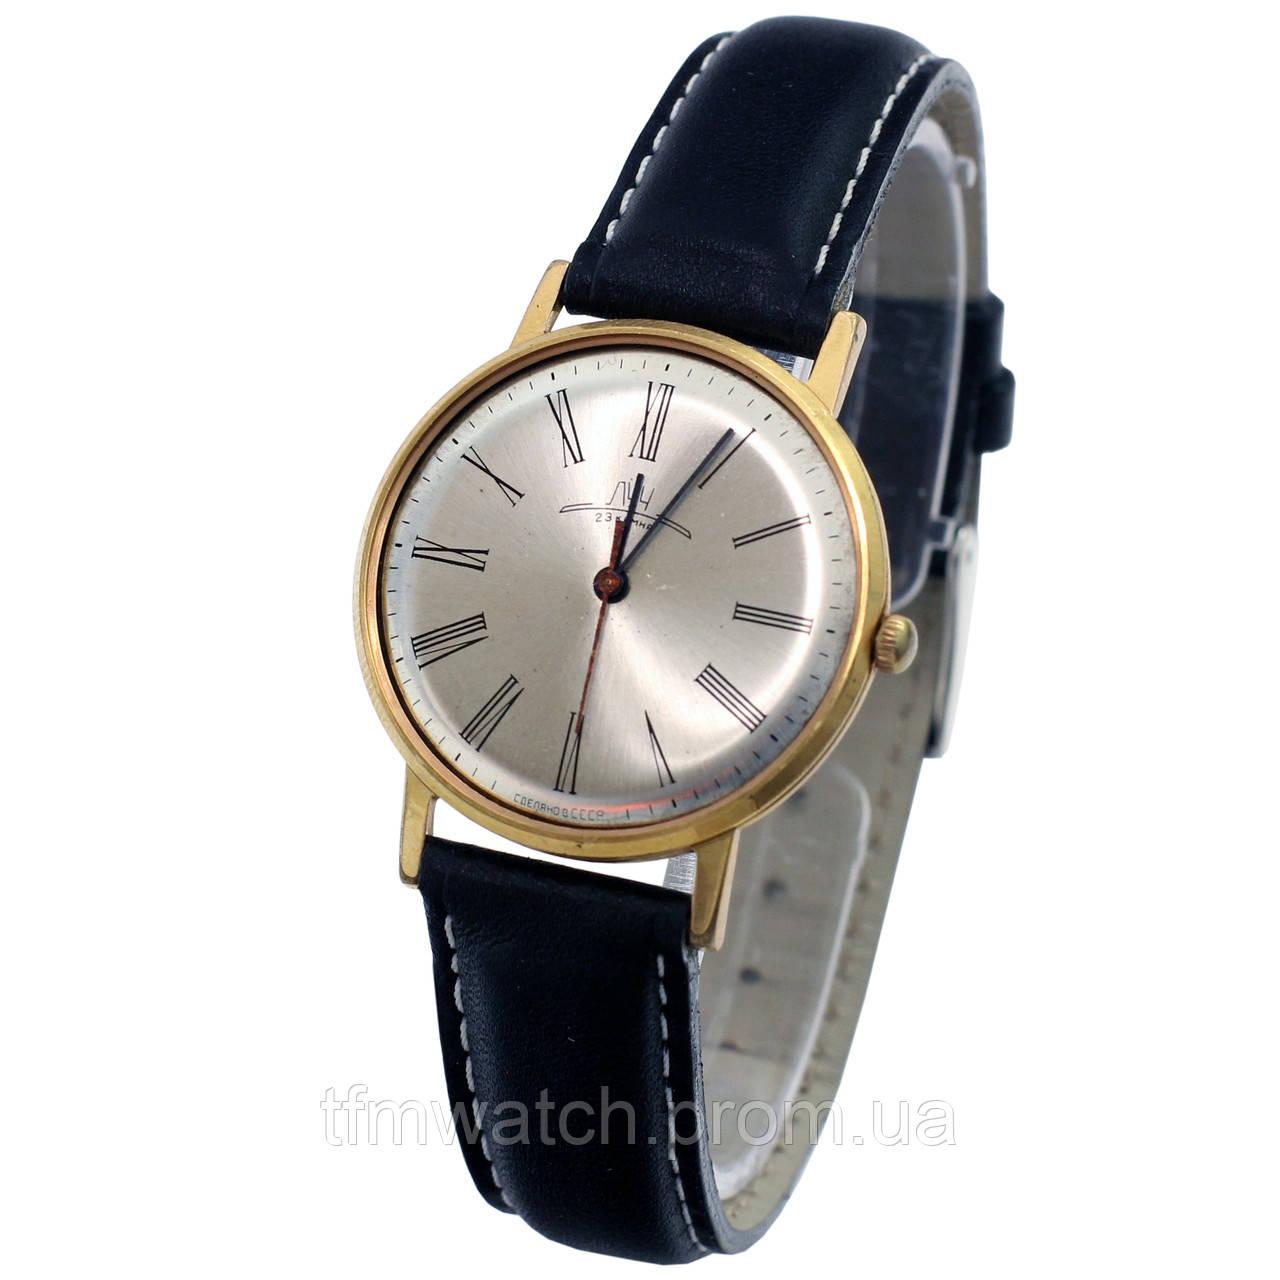 Продать камня луч часы 23 часы оригинал продам лонжин evidenza